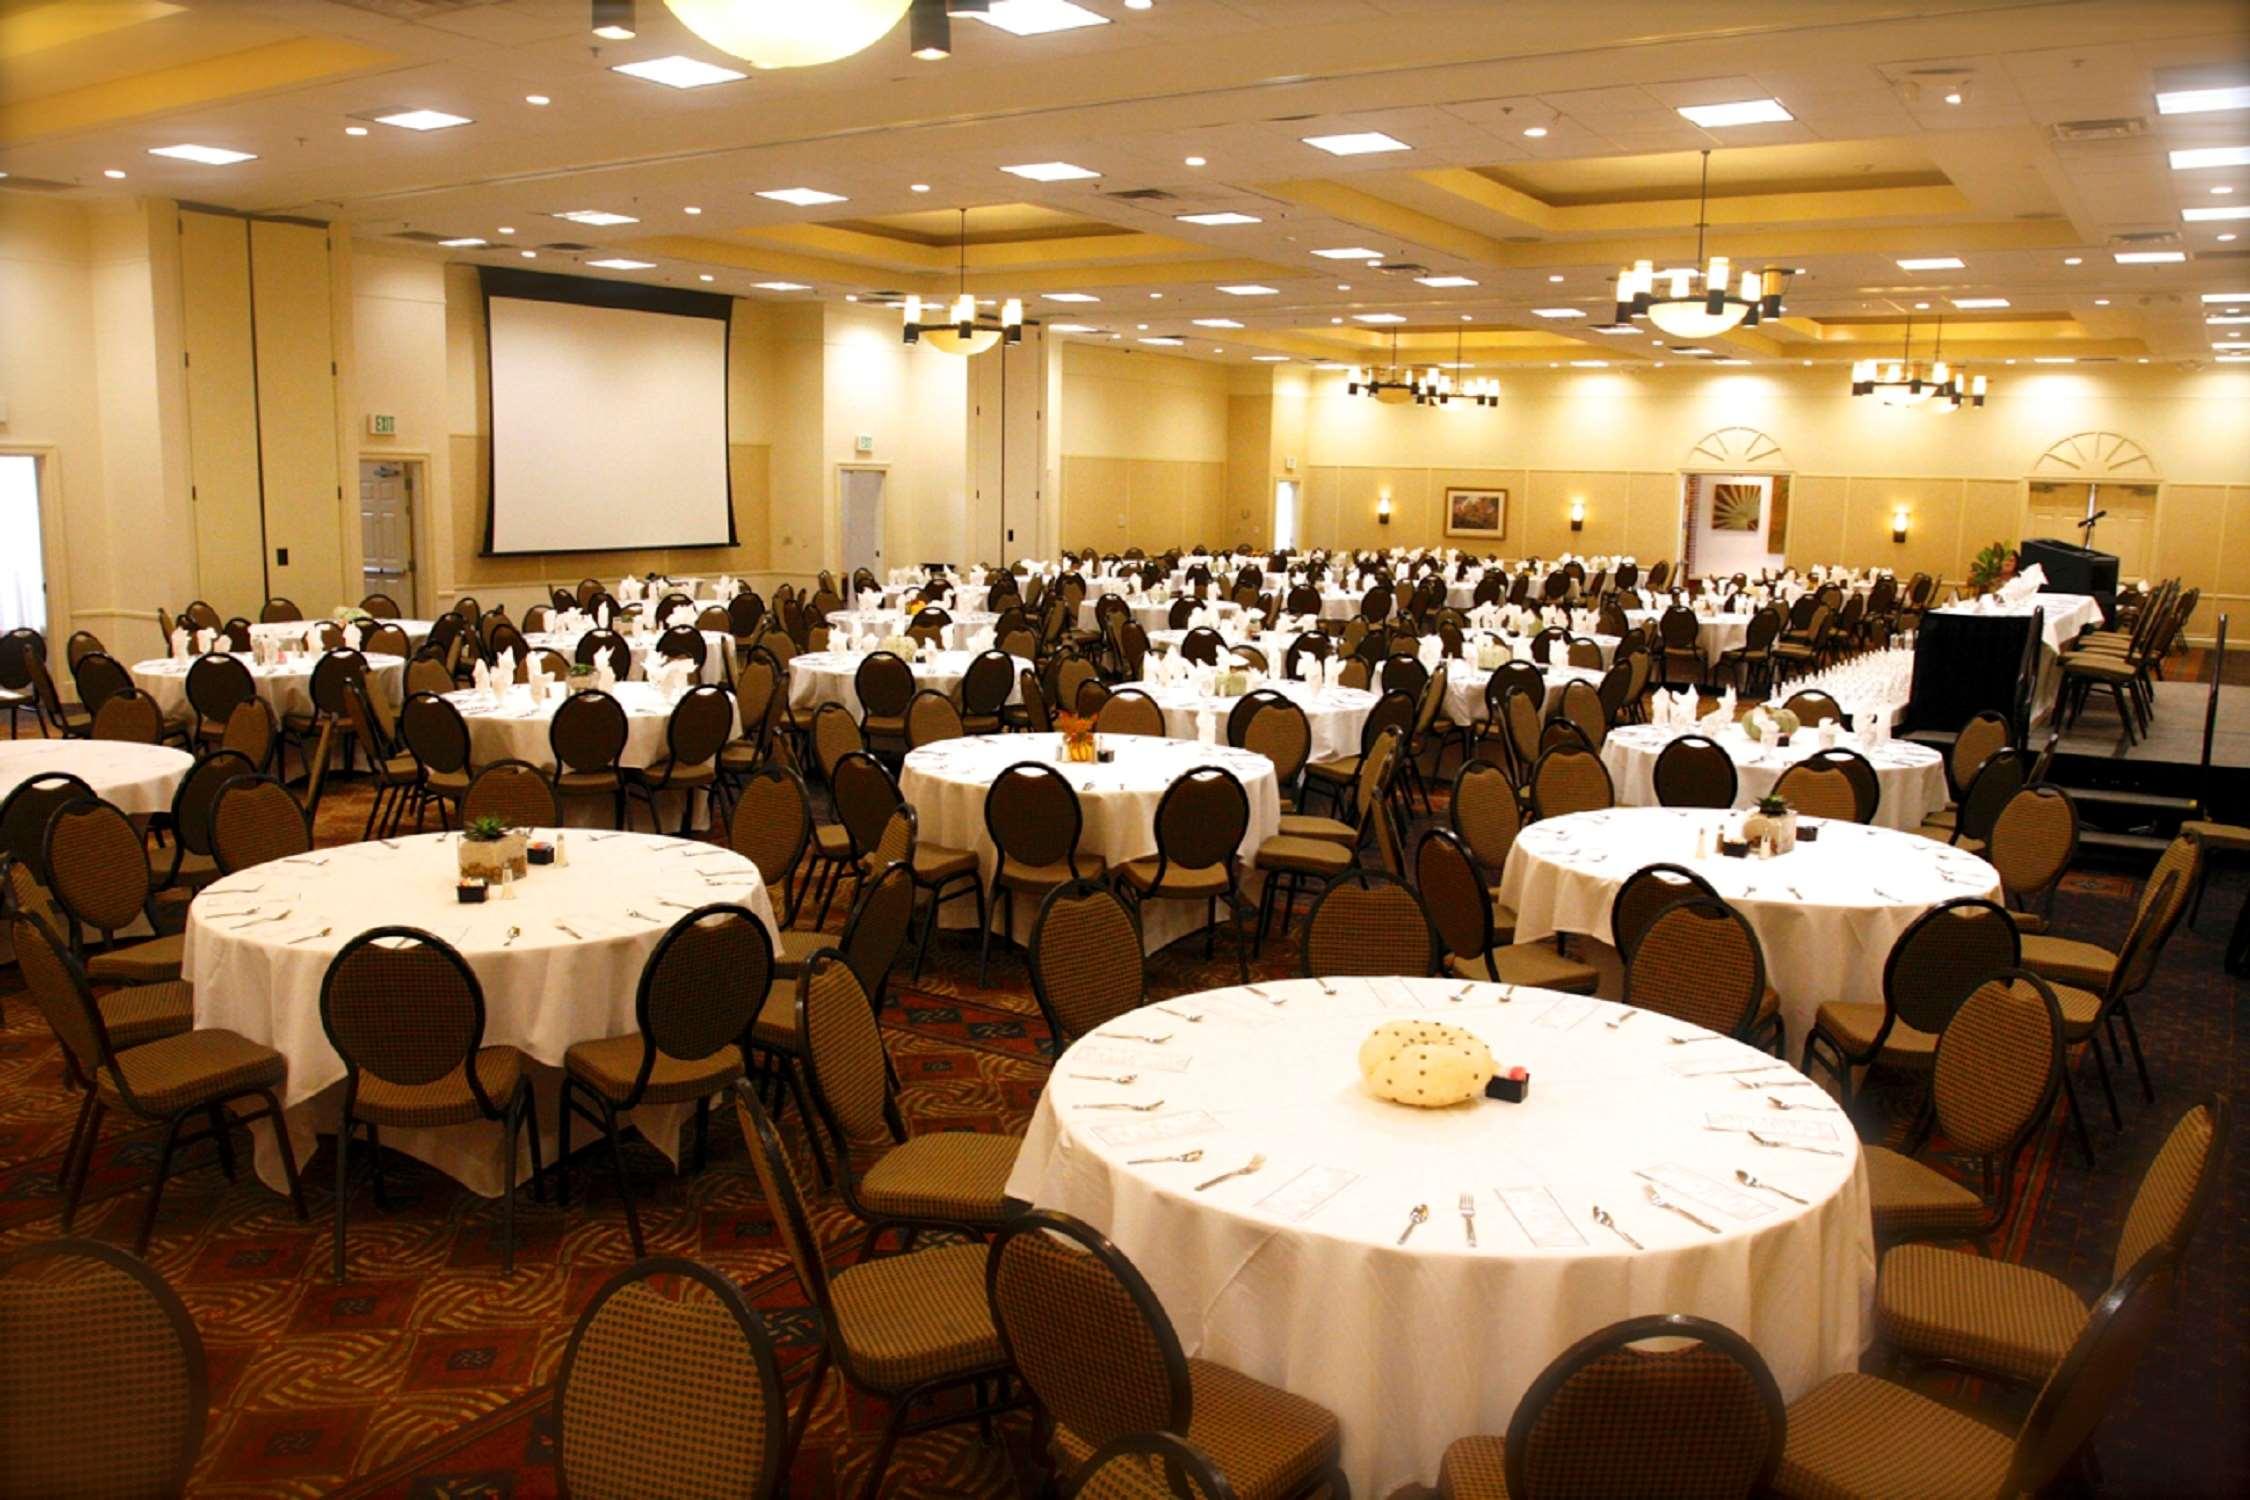 Hilton Garden Inn Albany image 29